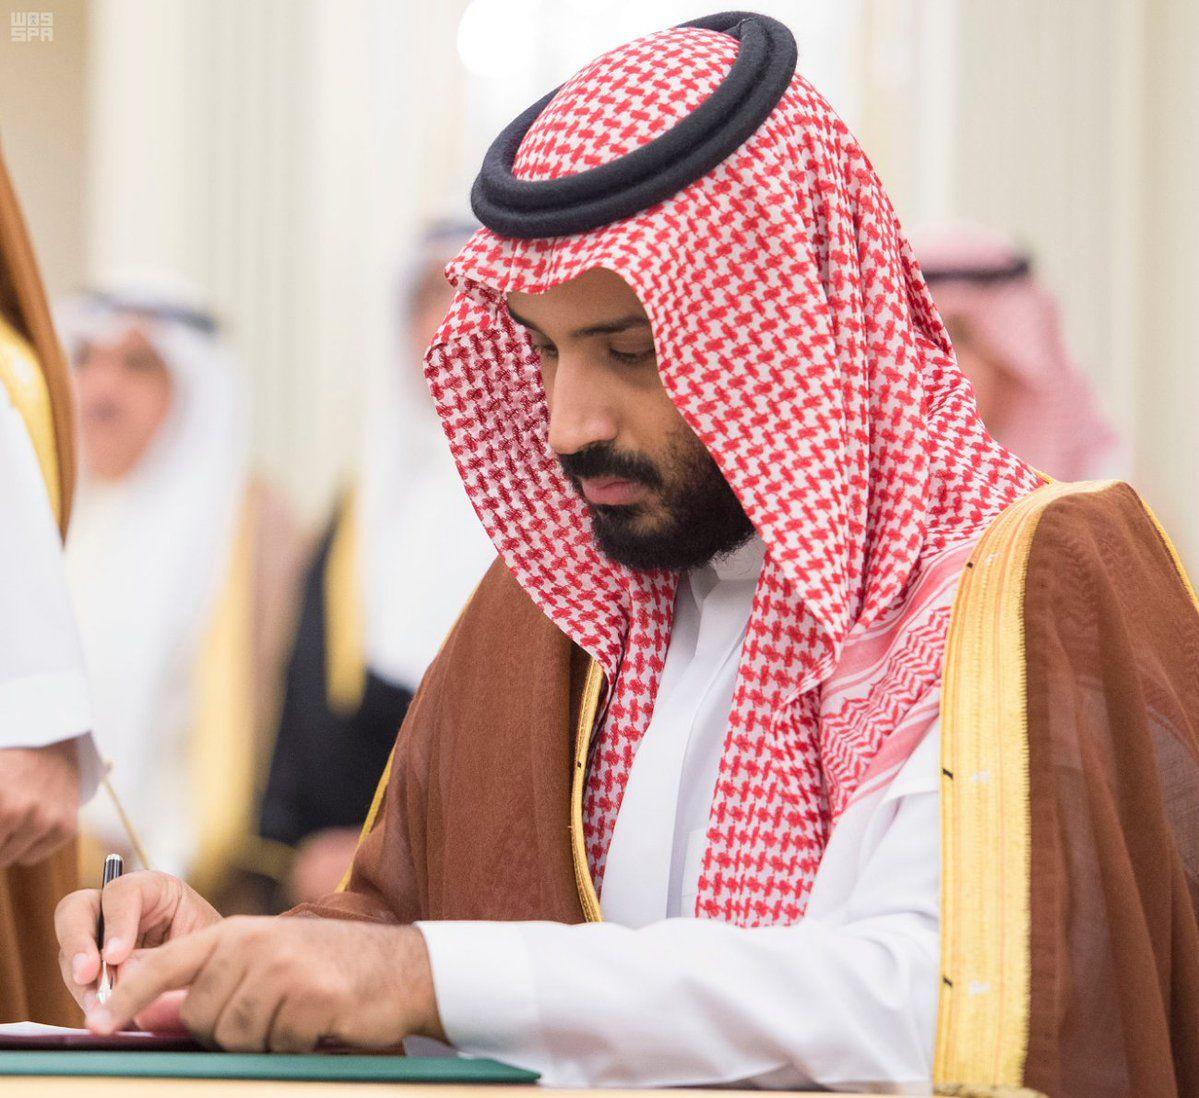 """NAJAH """"Le meilleurs trésor que vous pourriez avoir est une épouse avec une bonne conduite, qui vous aide dans vos affaires mondaines et religieuses."""" Hadith Sahih rapporté par Al-Bayhaqui"""